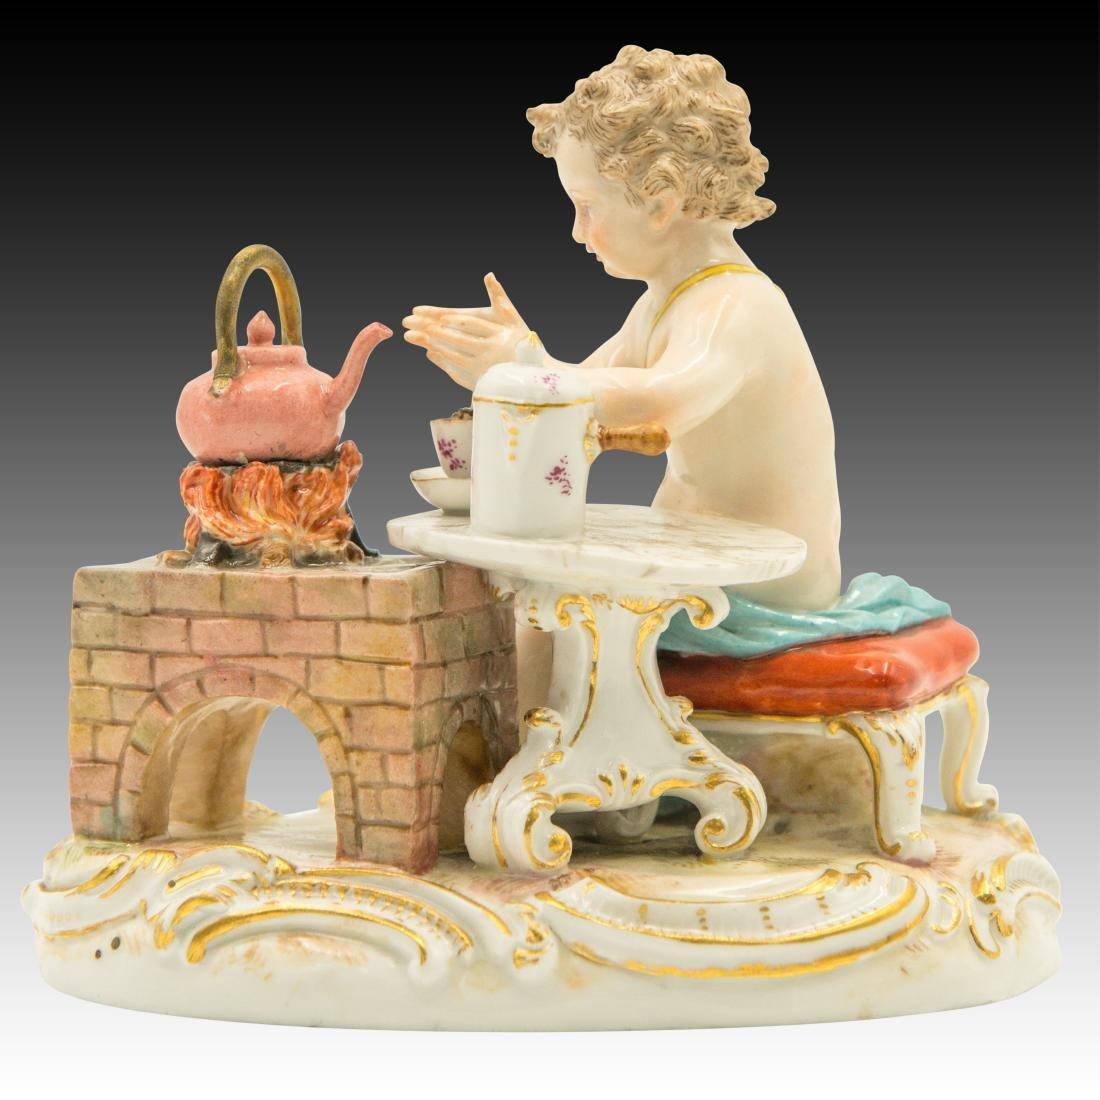 Meissen Cherub Making Hot Chocolate Figurine - 4